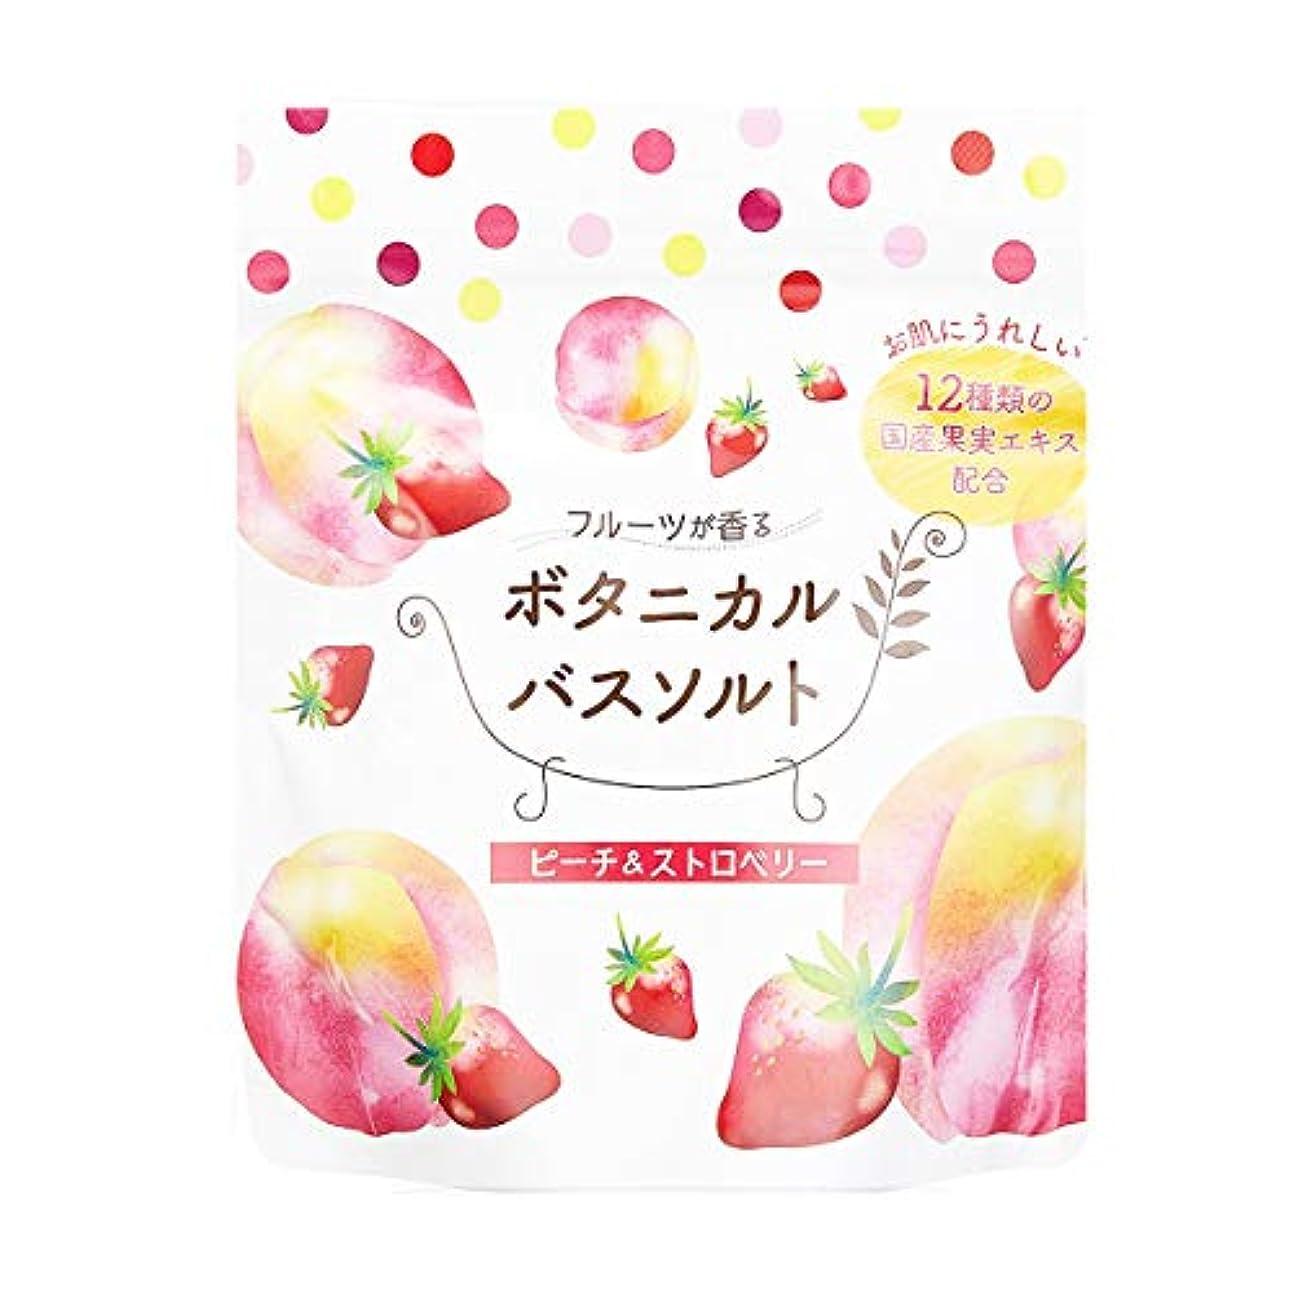 それから責任者支出松田医薬品 フルーツが香るボタニカルバスソルト ピーチ&ストロベリー 30g